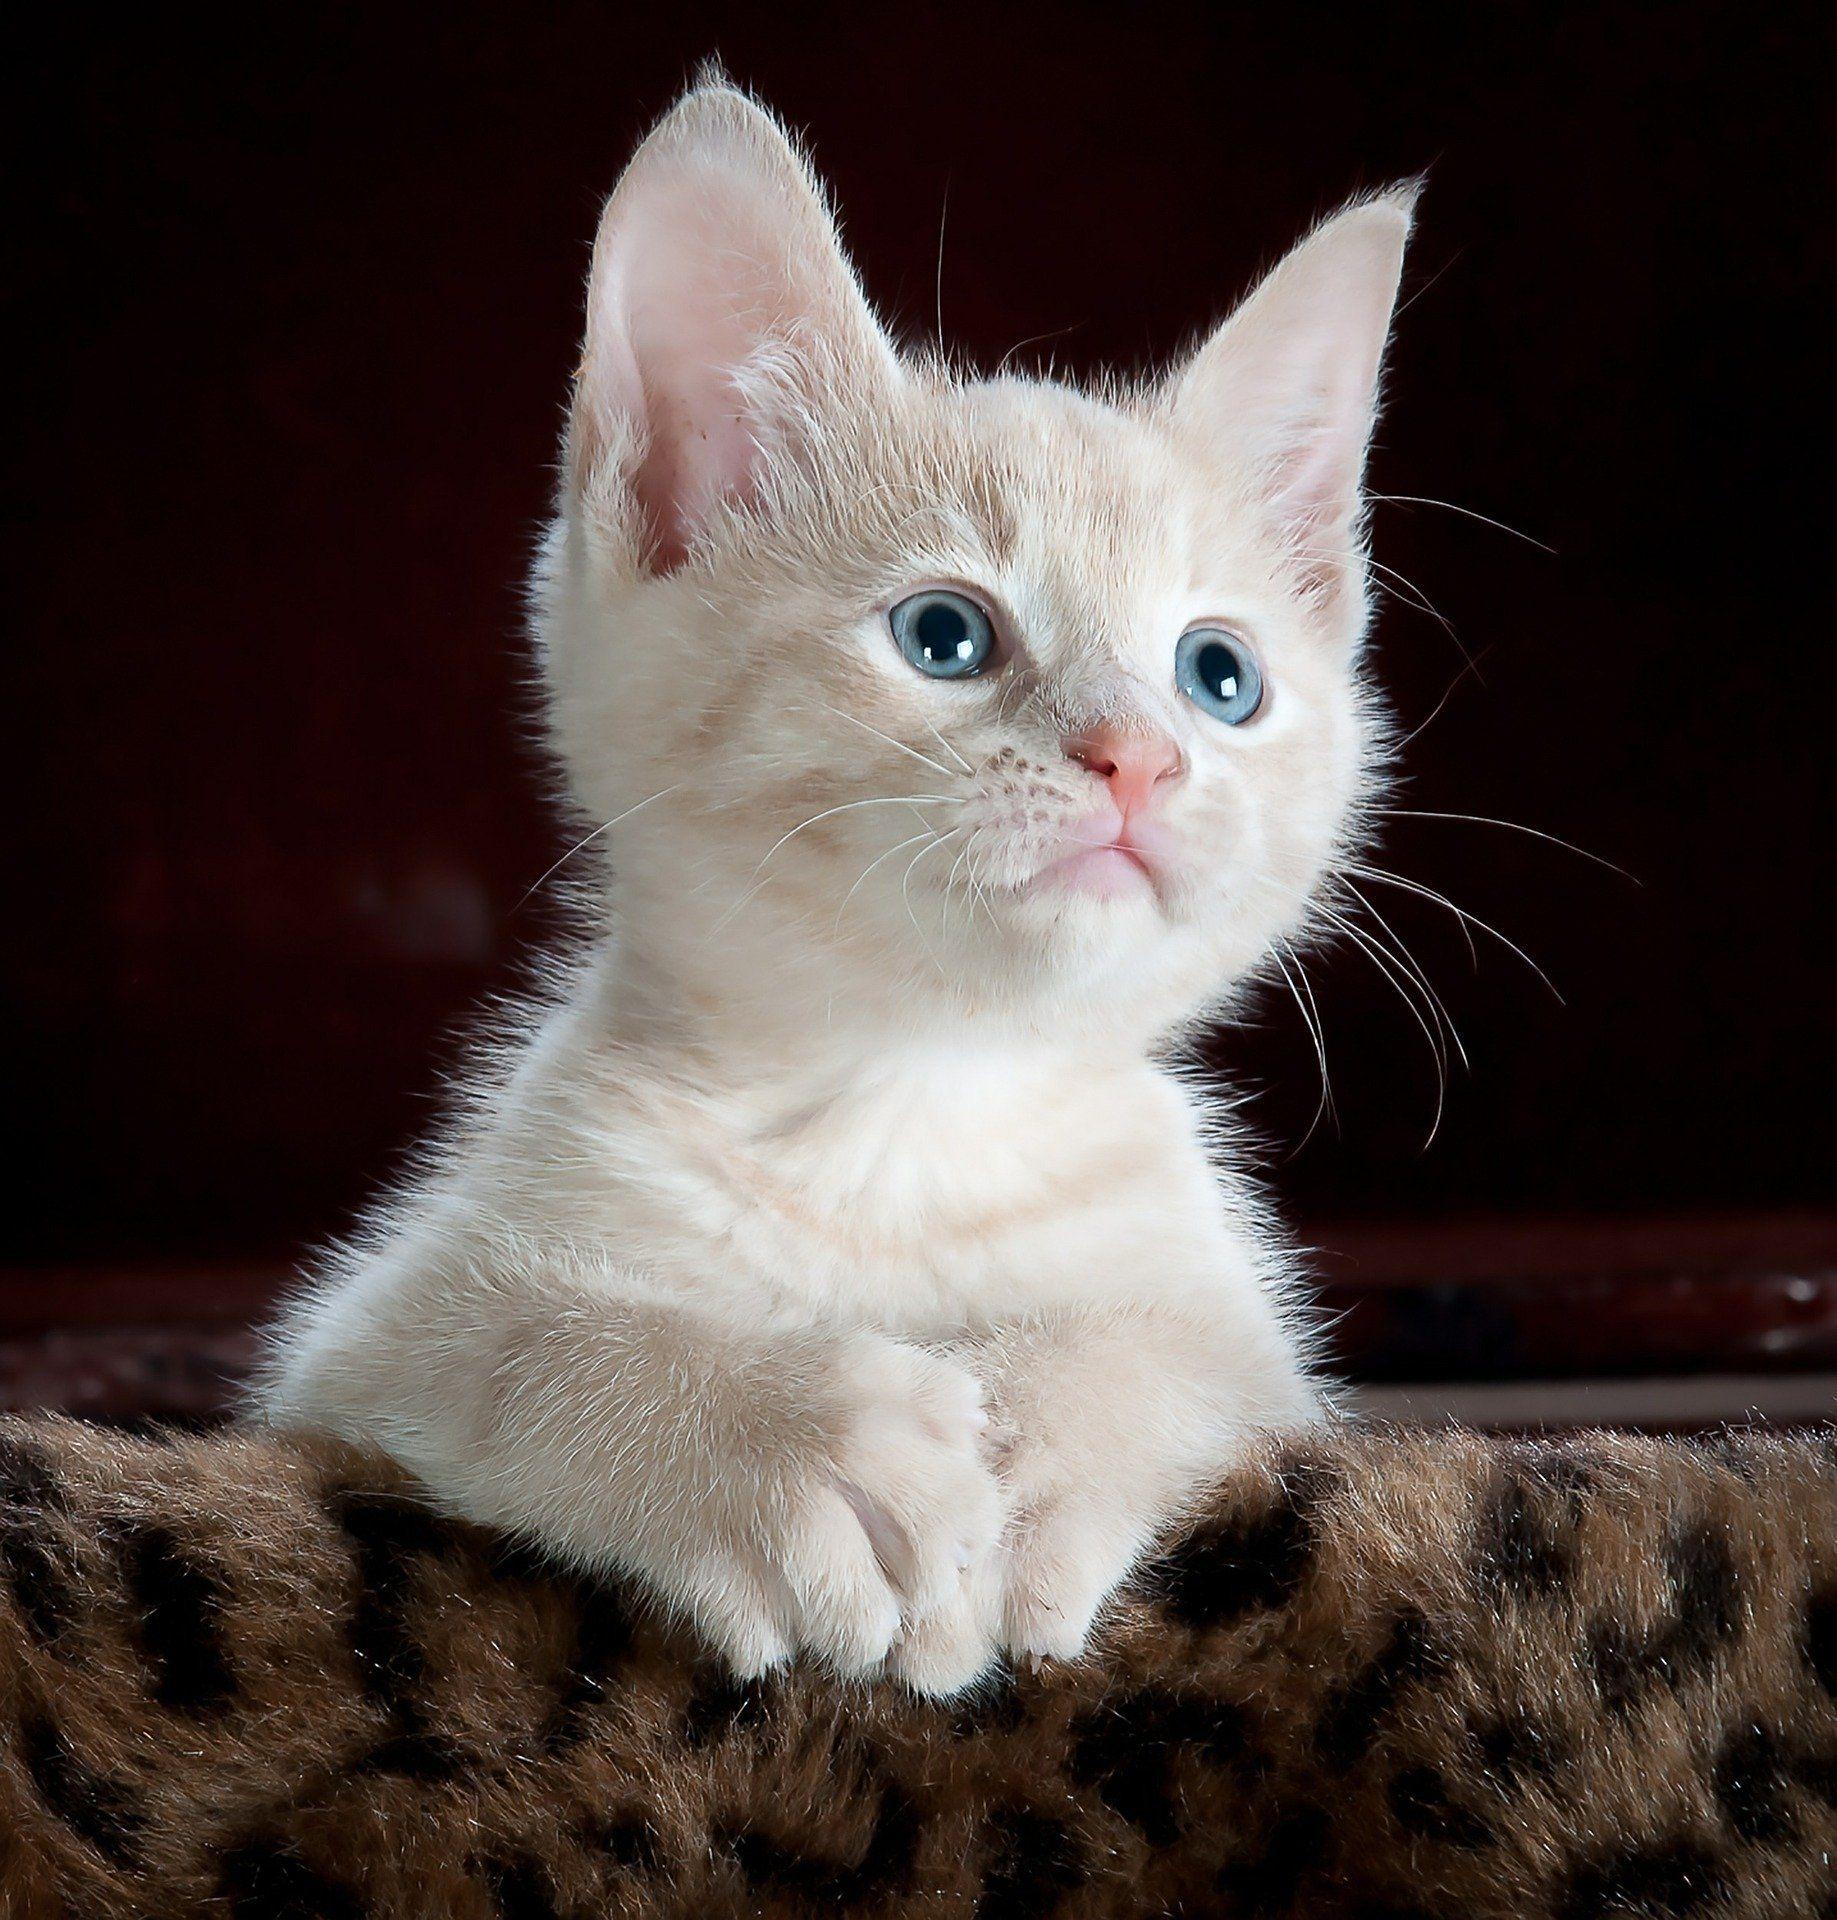 kitty-551554_1920